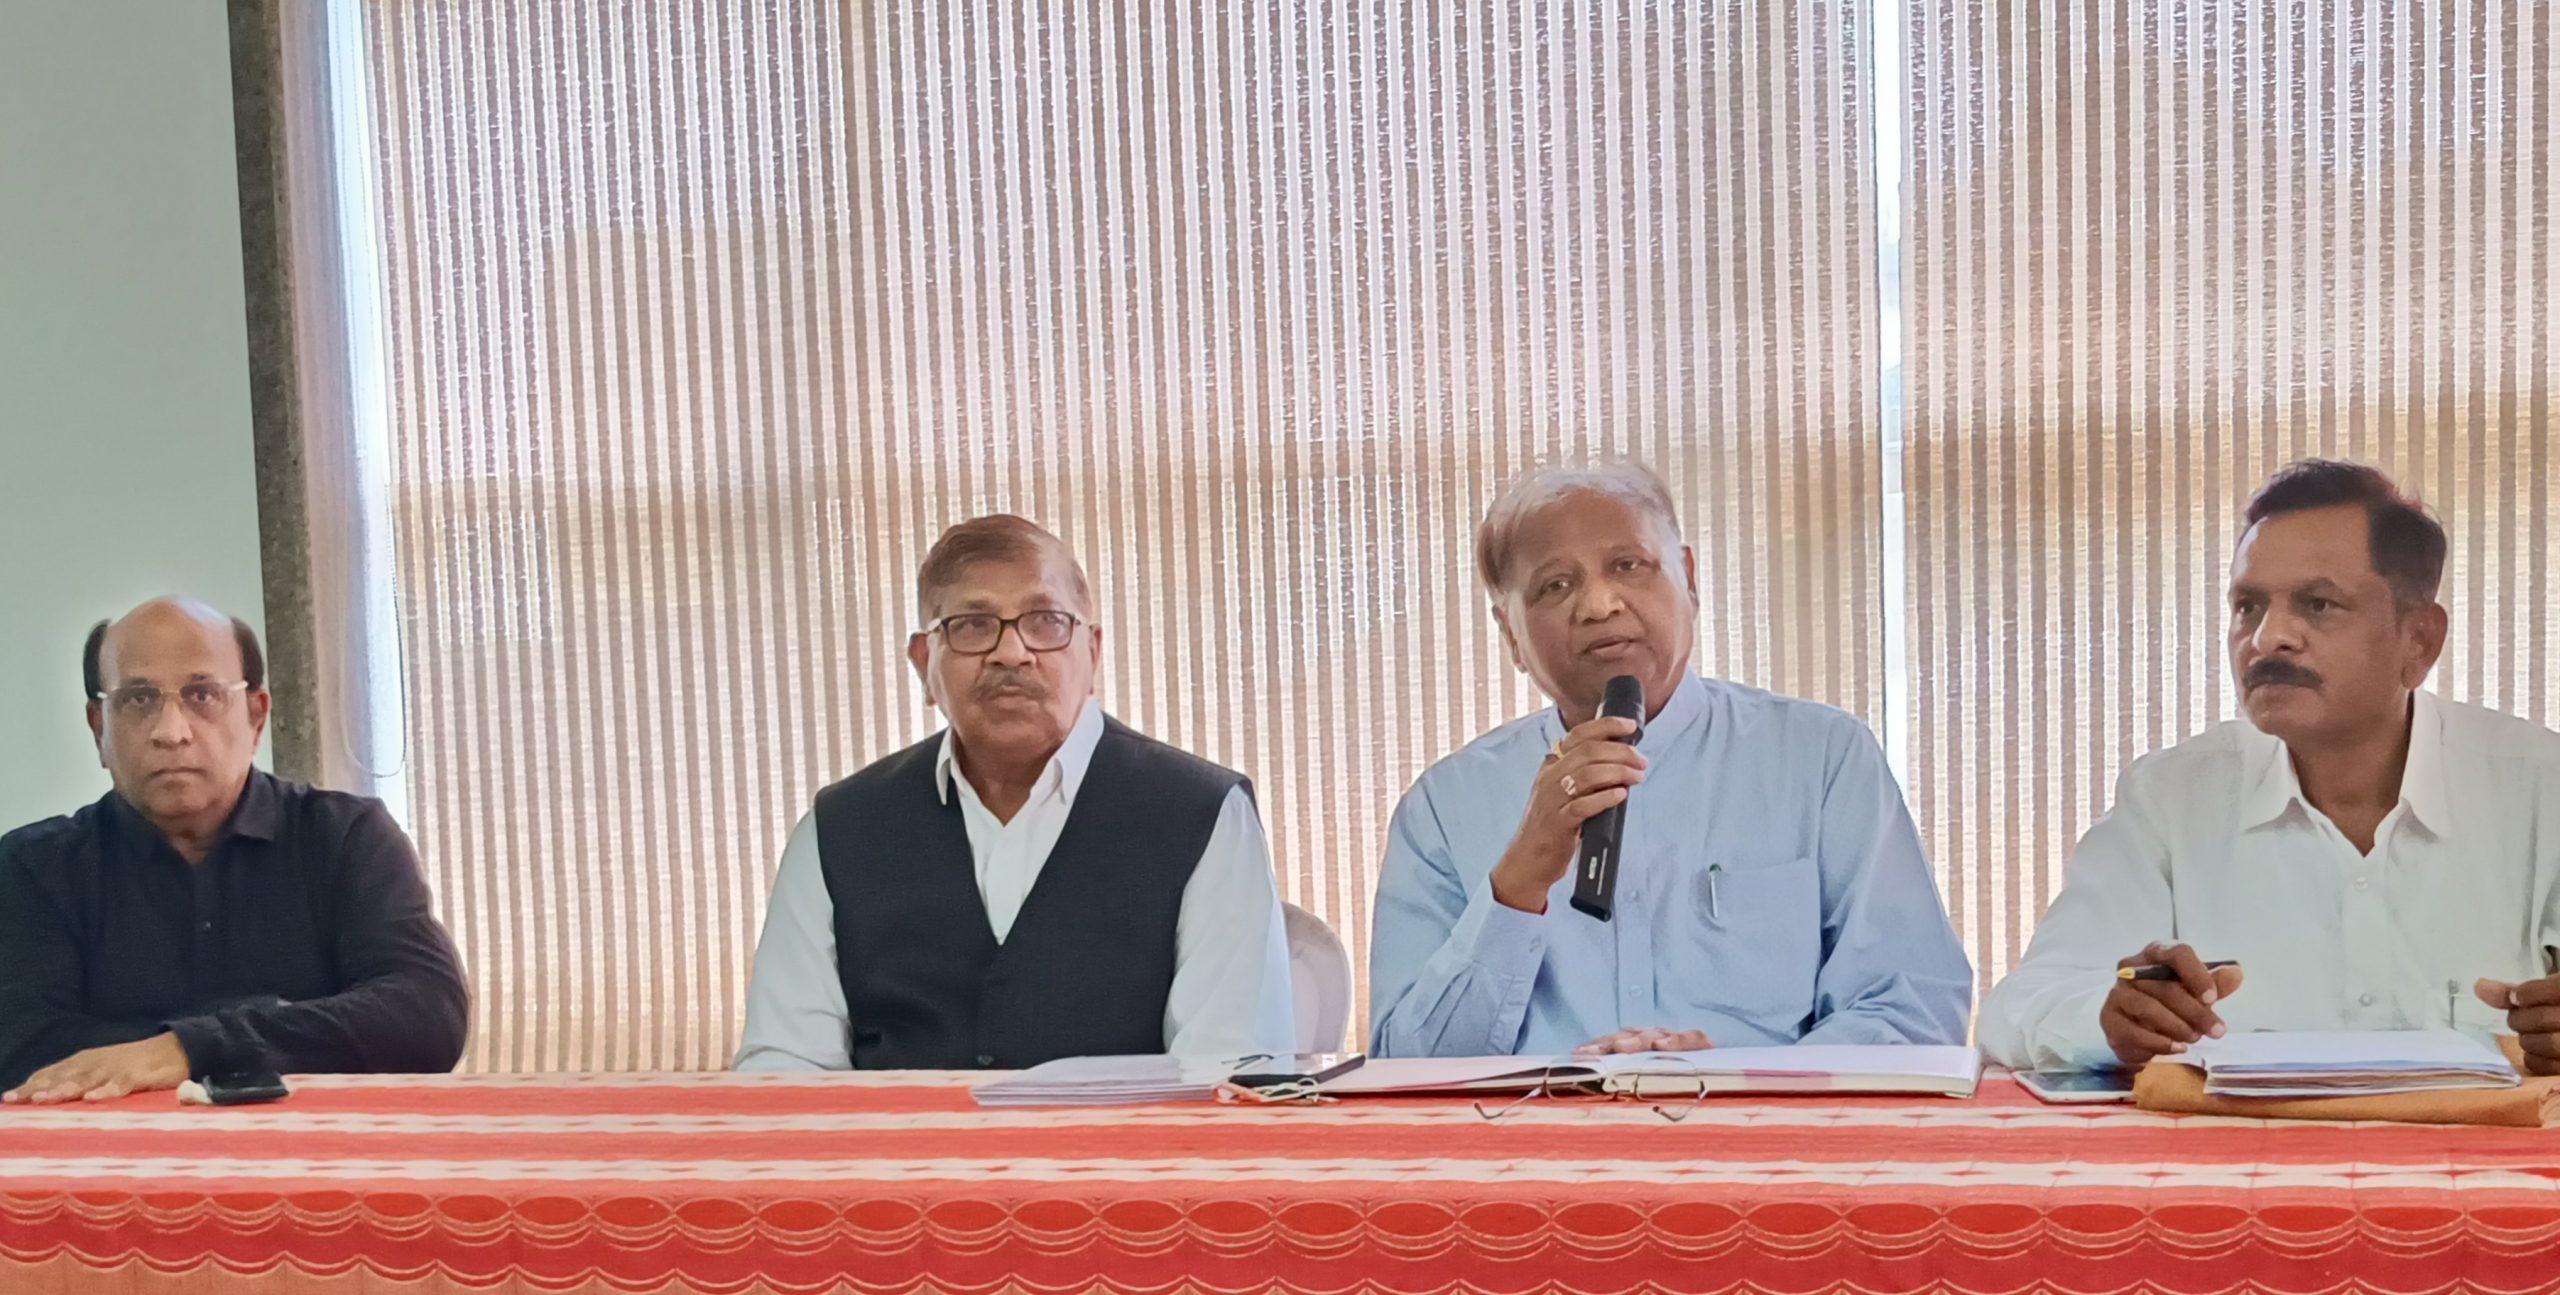 Helpline to prevent suicide incidents in Vadodara